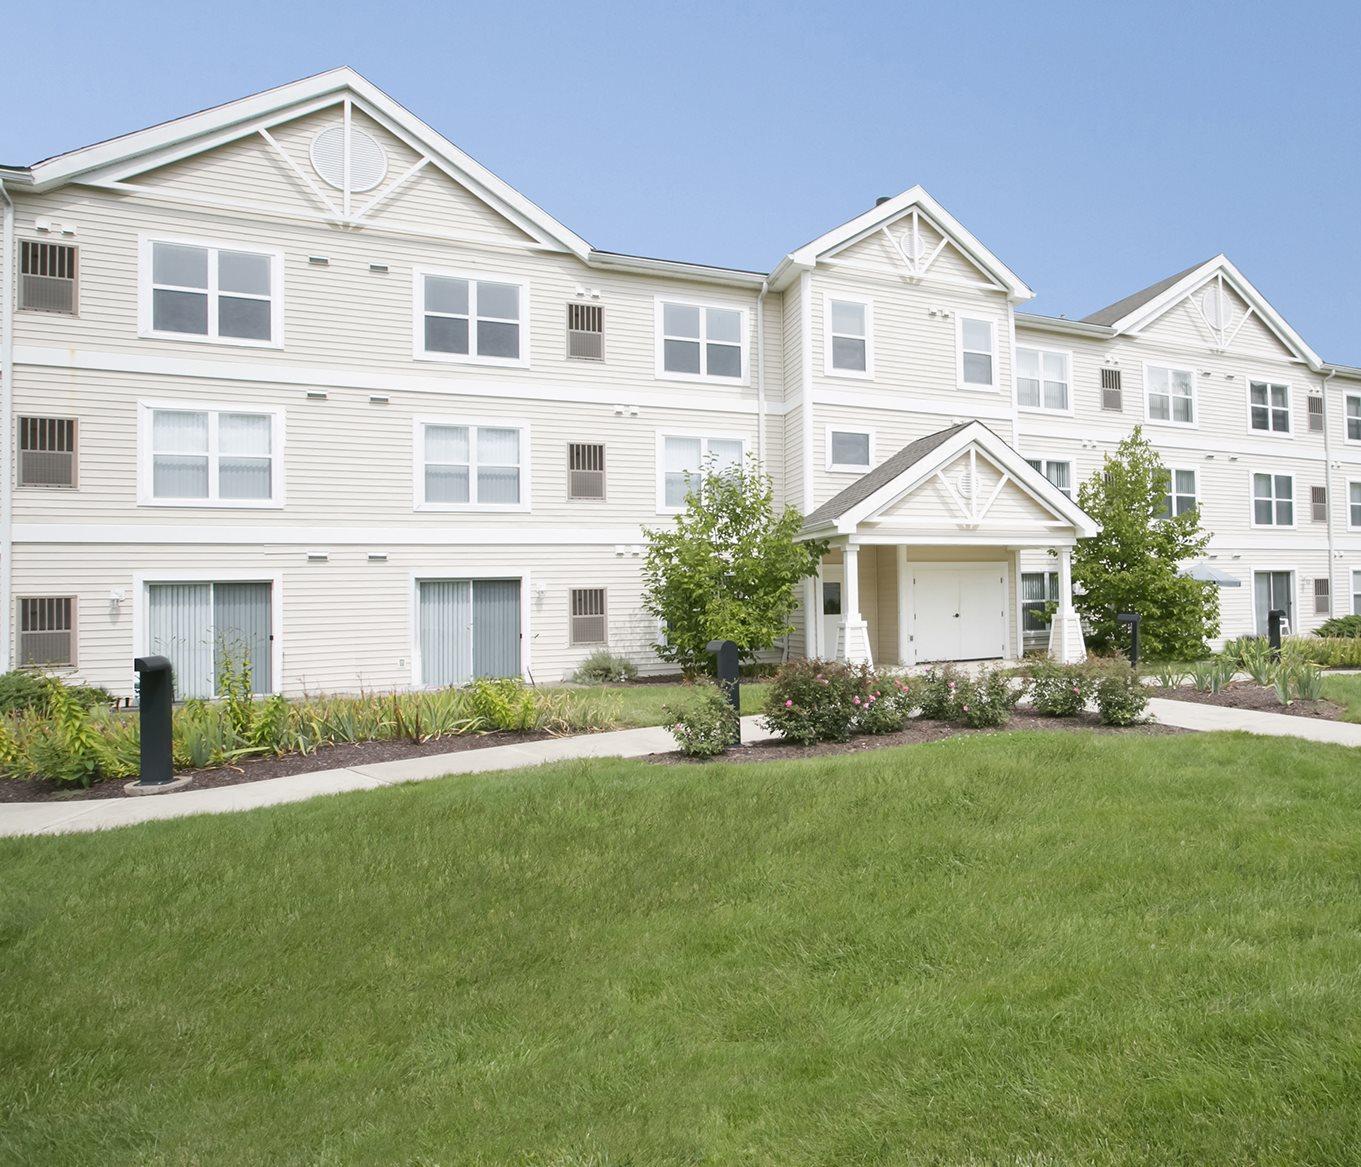 Ebay Apartment For Rent: Senior Apartments In Poughkeepsie, NY